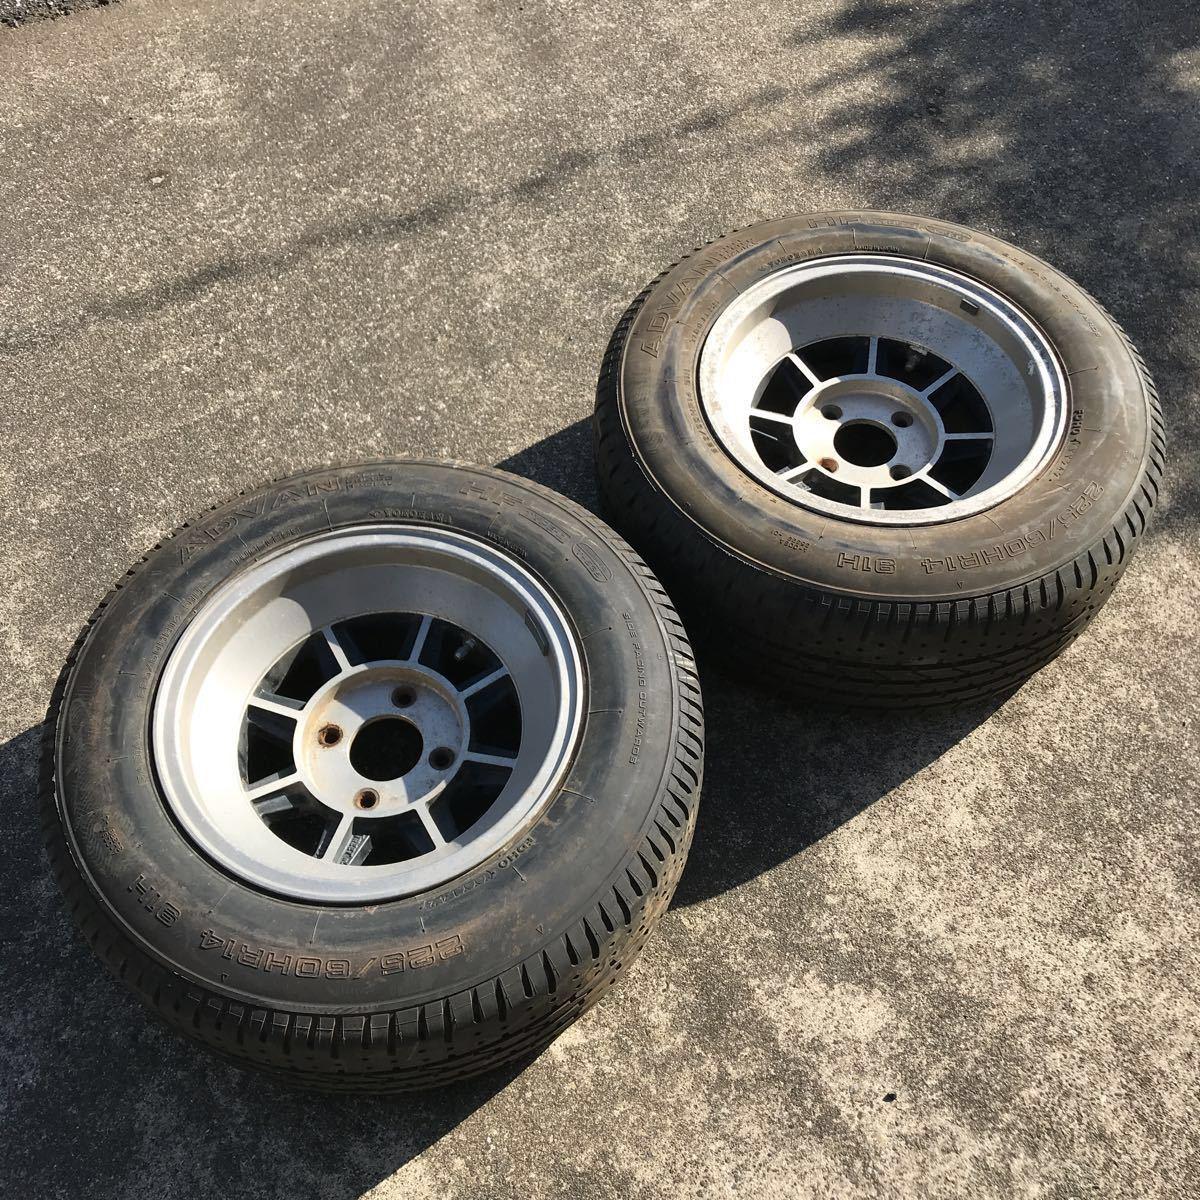 深リム 売り切り 希少 旧車 ハヤシレーシング ハヤシ ストリート すり鉢 14インチ 8J OFF-5 4H PCD114.3 2本 GX61 GX71 GZ10 130z 深リム